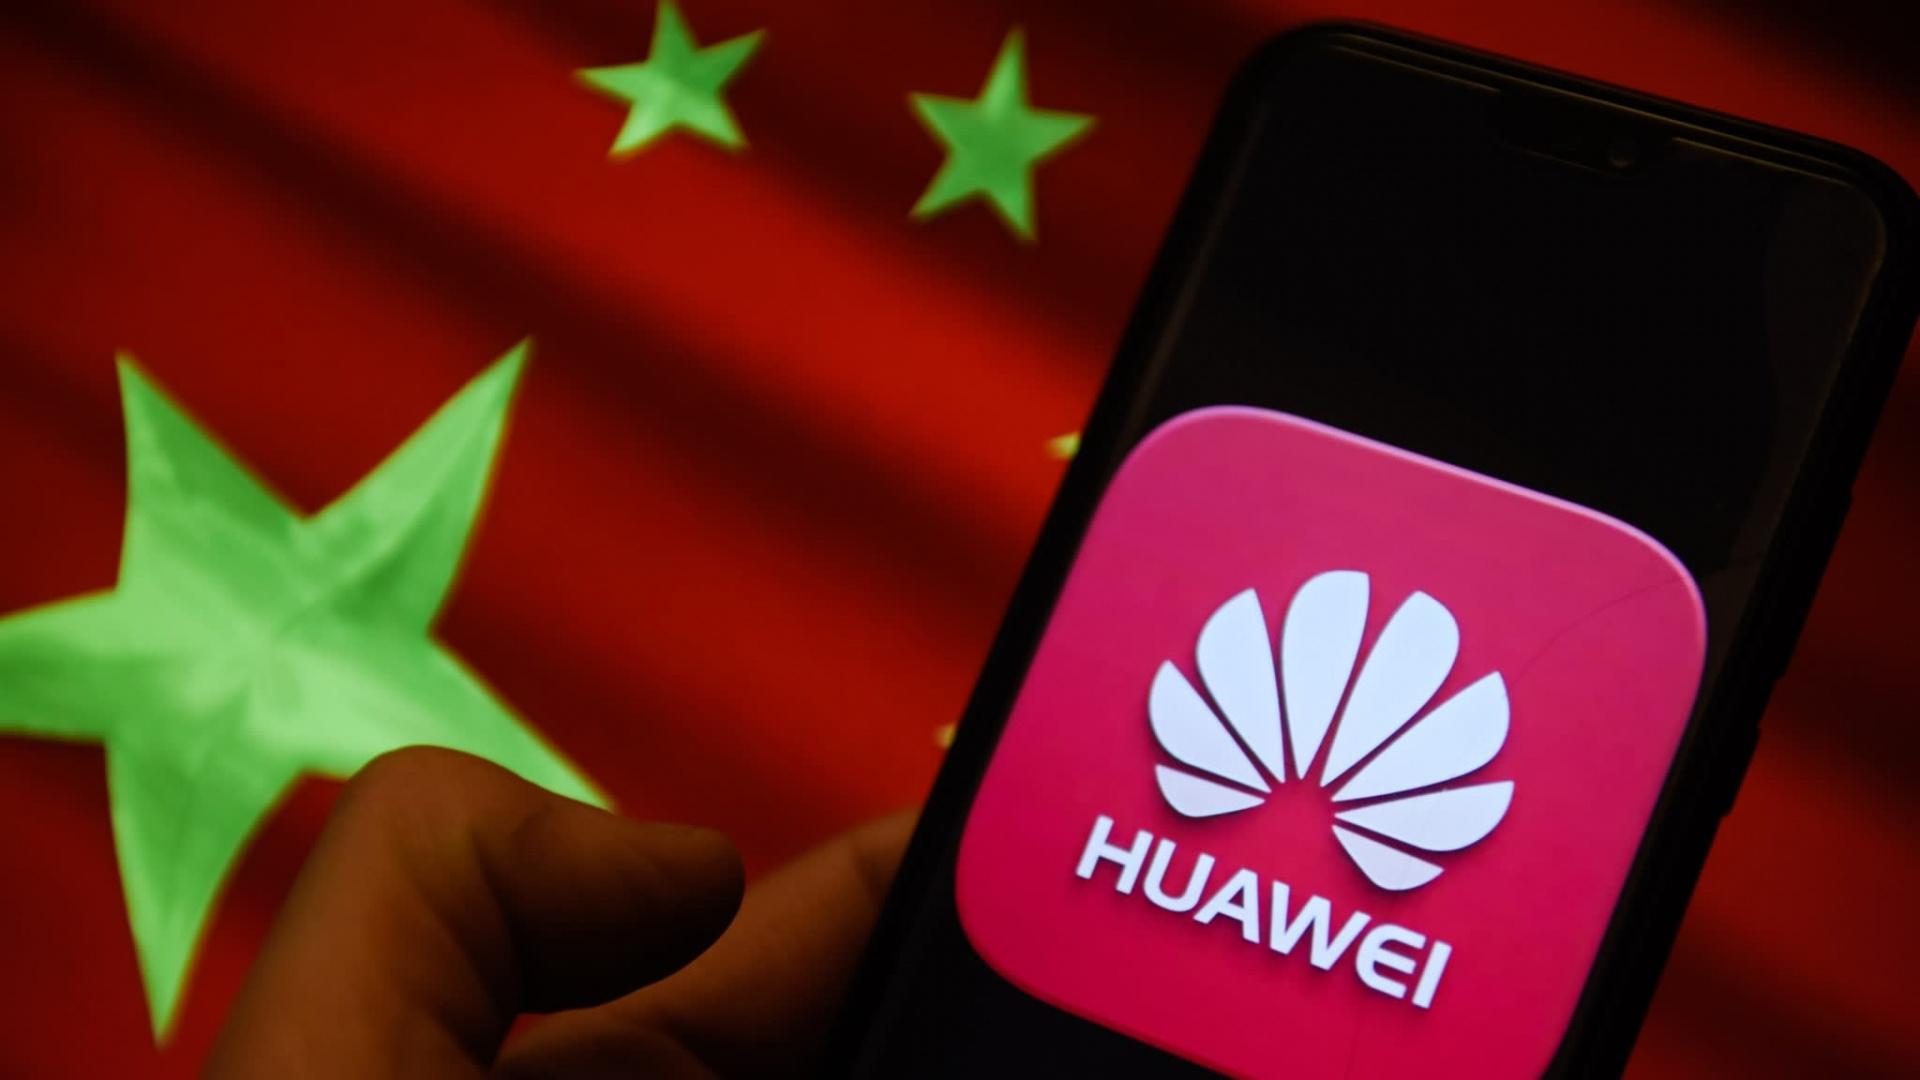 У операционной системы Huawei новое название